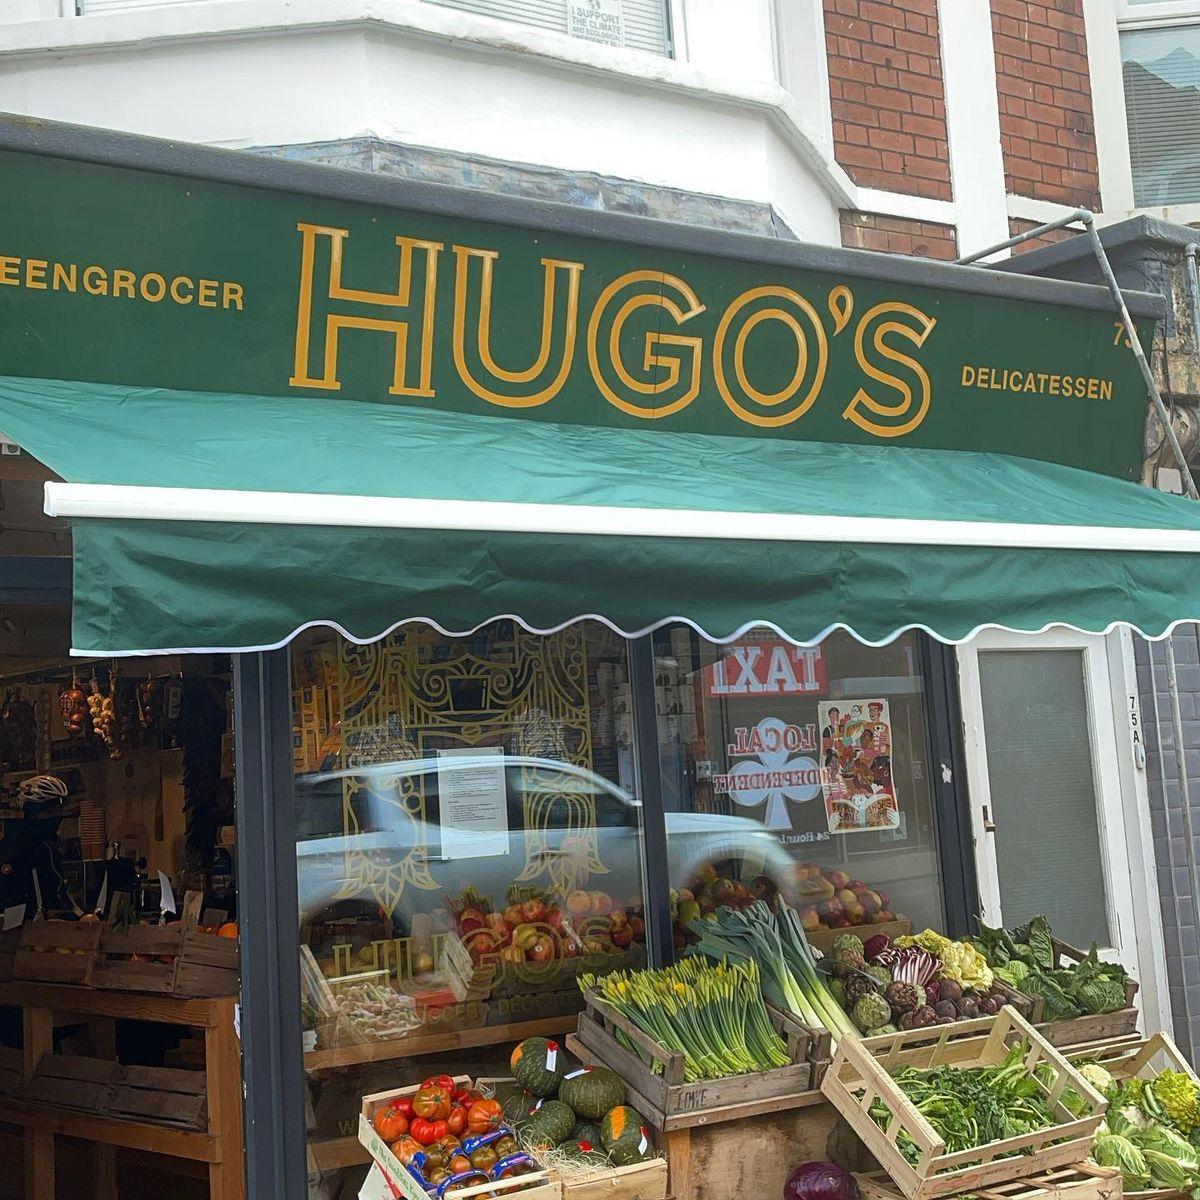 Hugo's Greengrocer & Deli